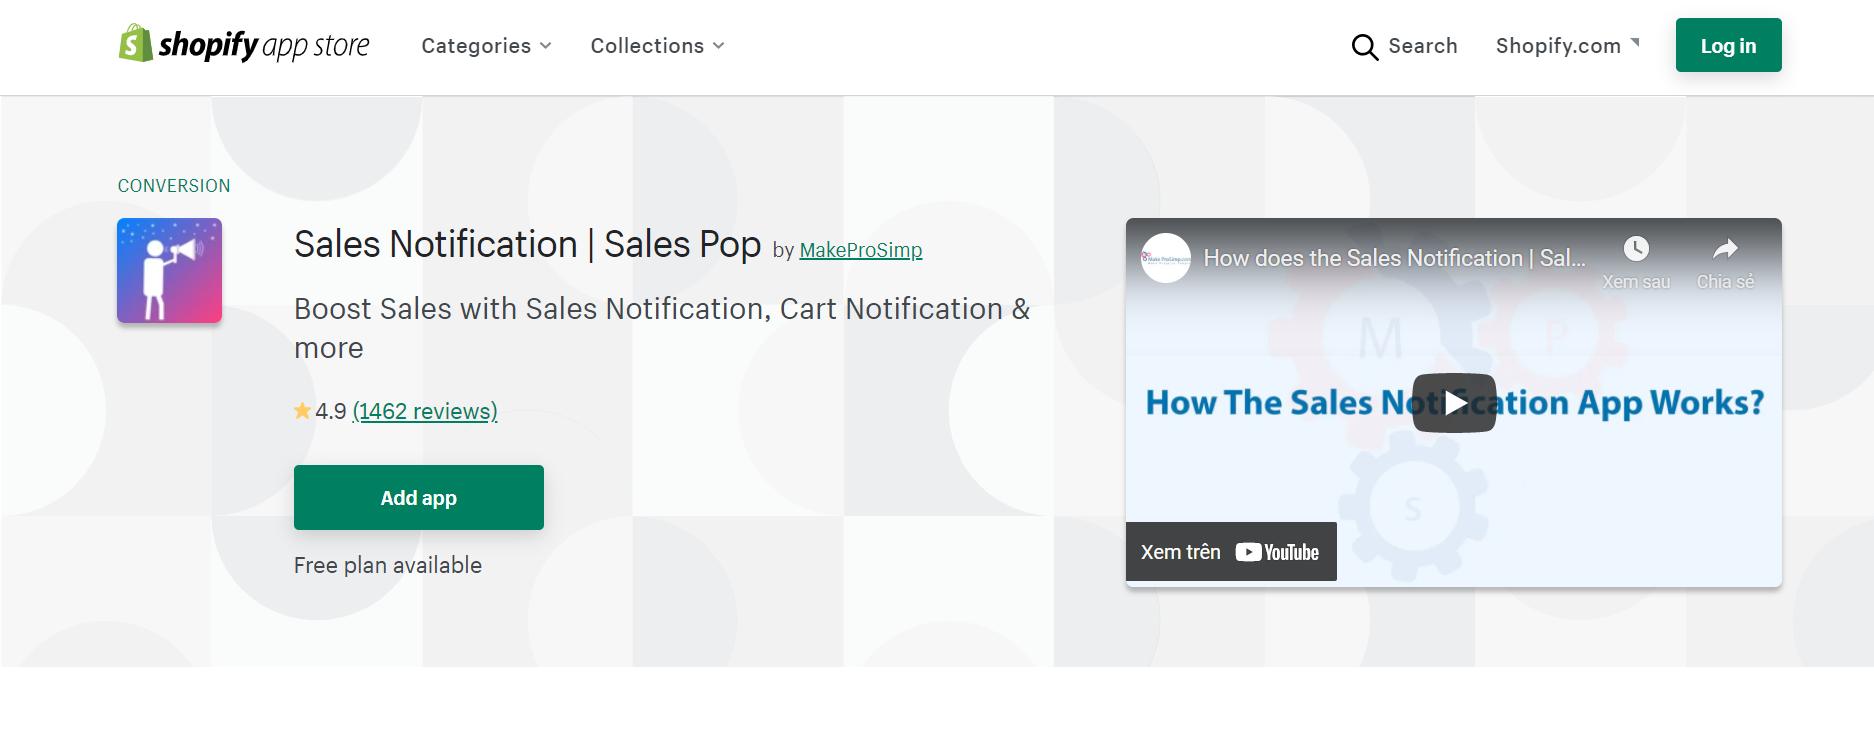 sales notification sales pop